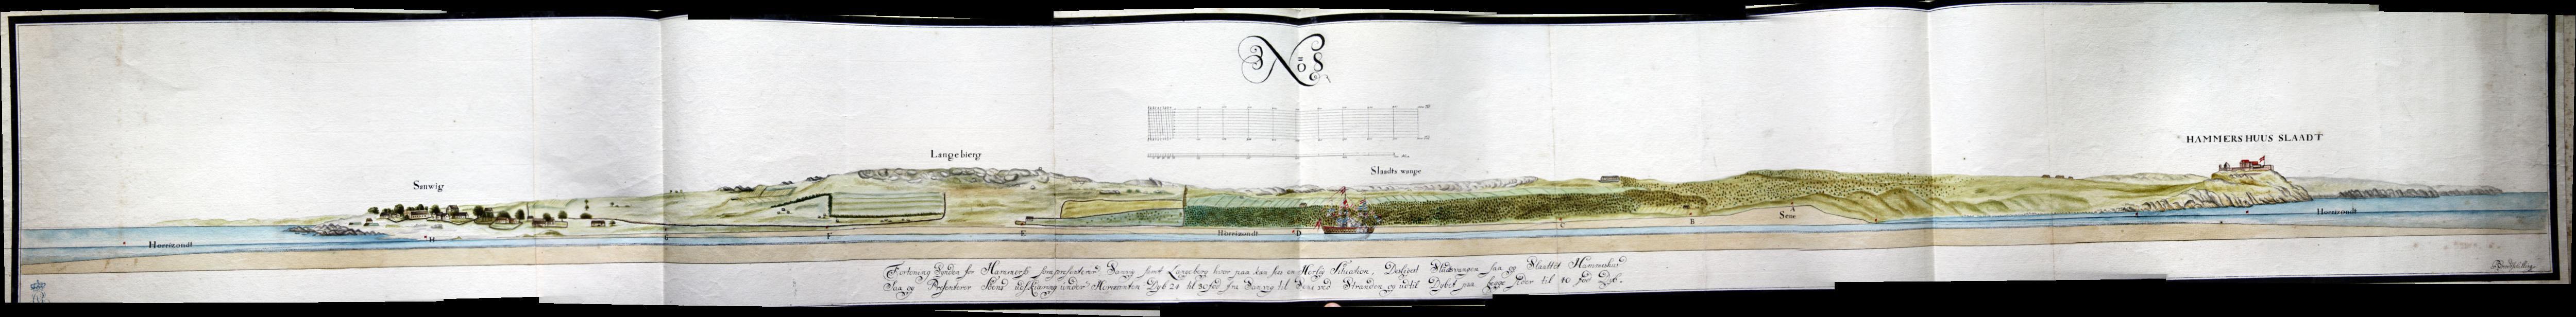 Planche No. 8 er en ca. 180 cm langt snit fra øst til vest med landskabet syd for den påtænkte kanal.